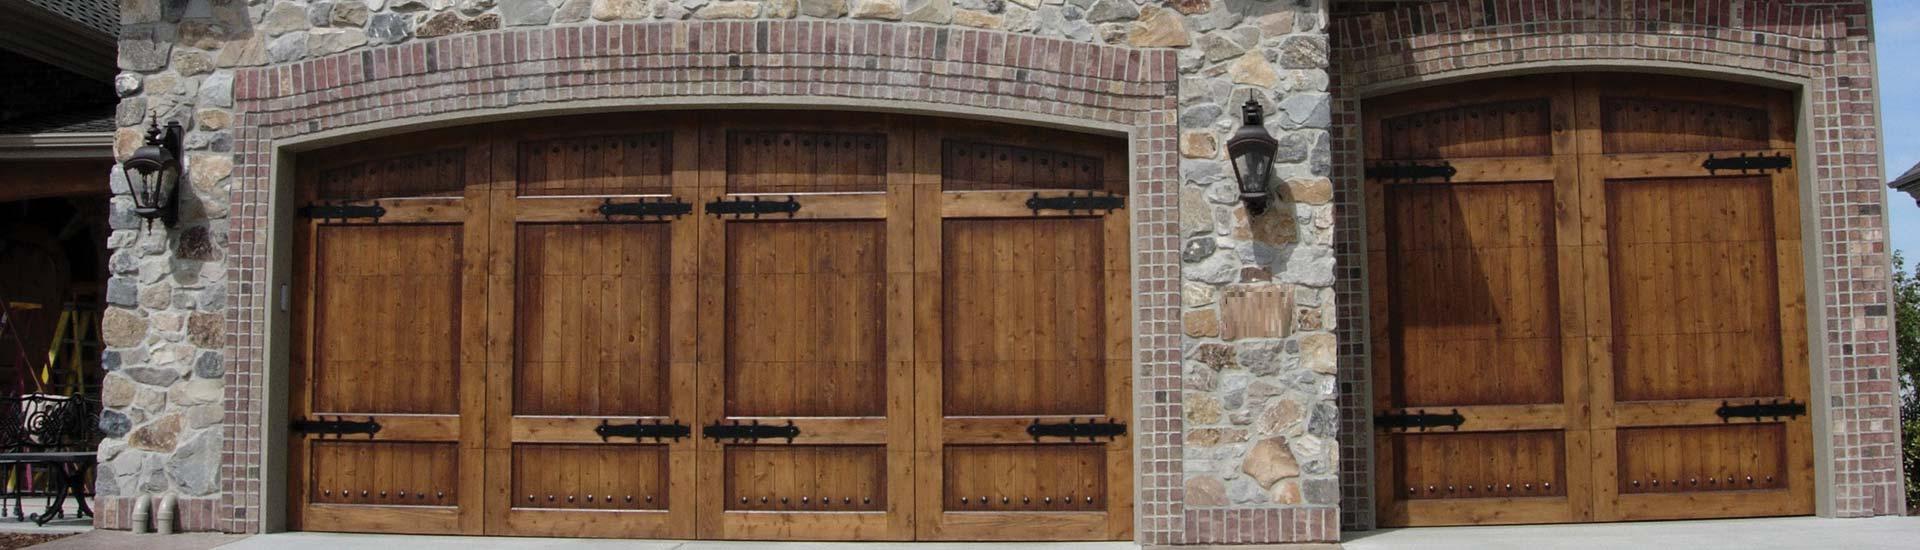 Complete Overhead Door